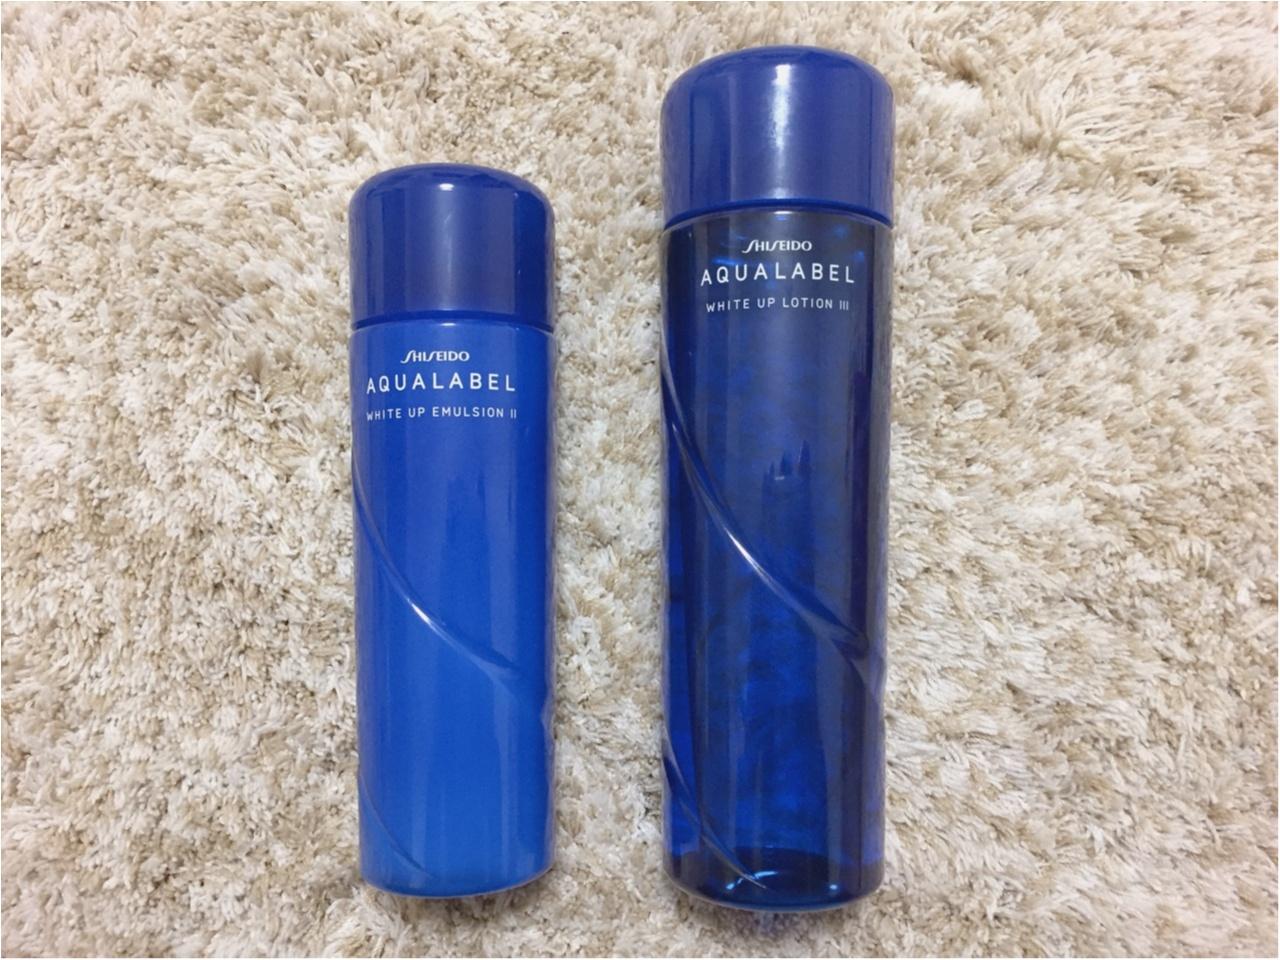 プチプラ化粧水特集 - 乾燥、ニキビ、美白などにおすすめの高コスパな化粧水まとめ_14